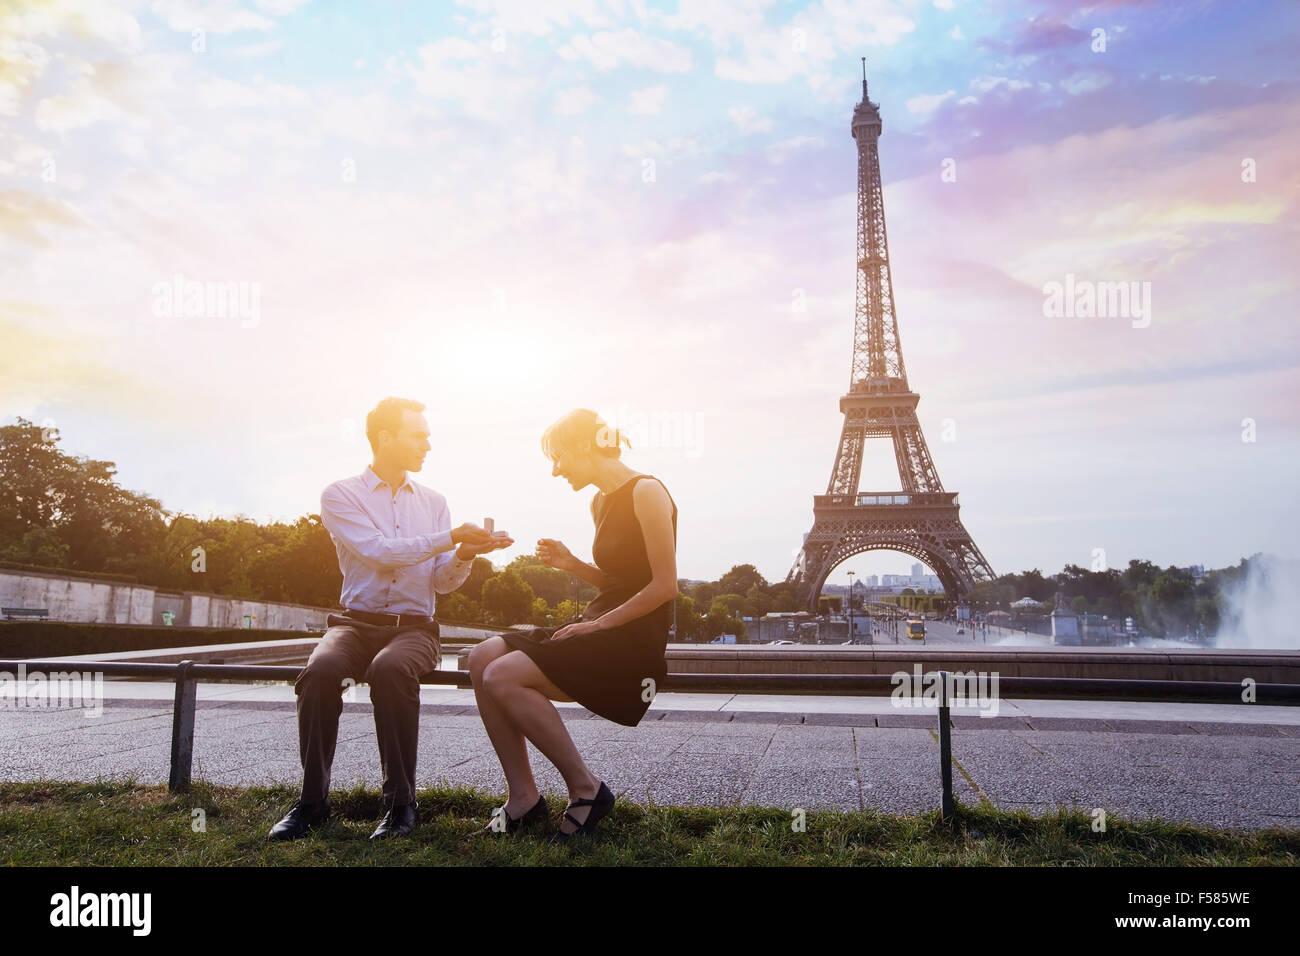 Cásate conmigo, propuesta en la Torre Eiffel en París, hermosas siluetas de jóvenes caucásicos Imagen De Stock